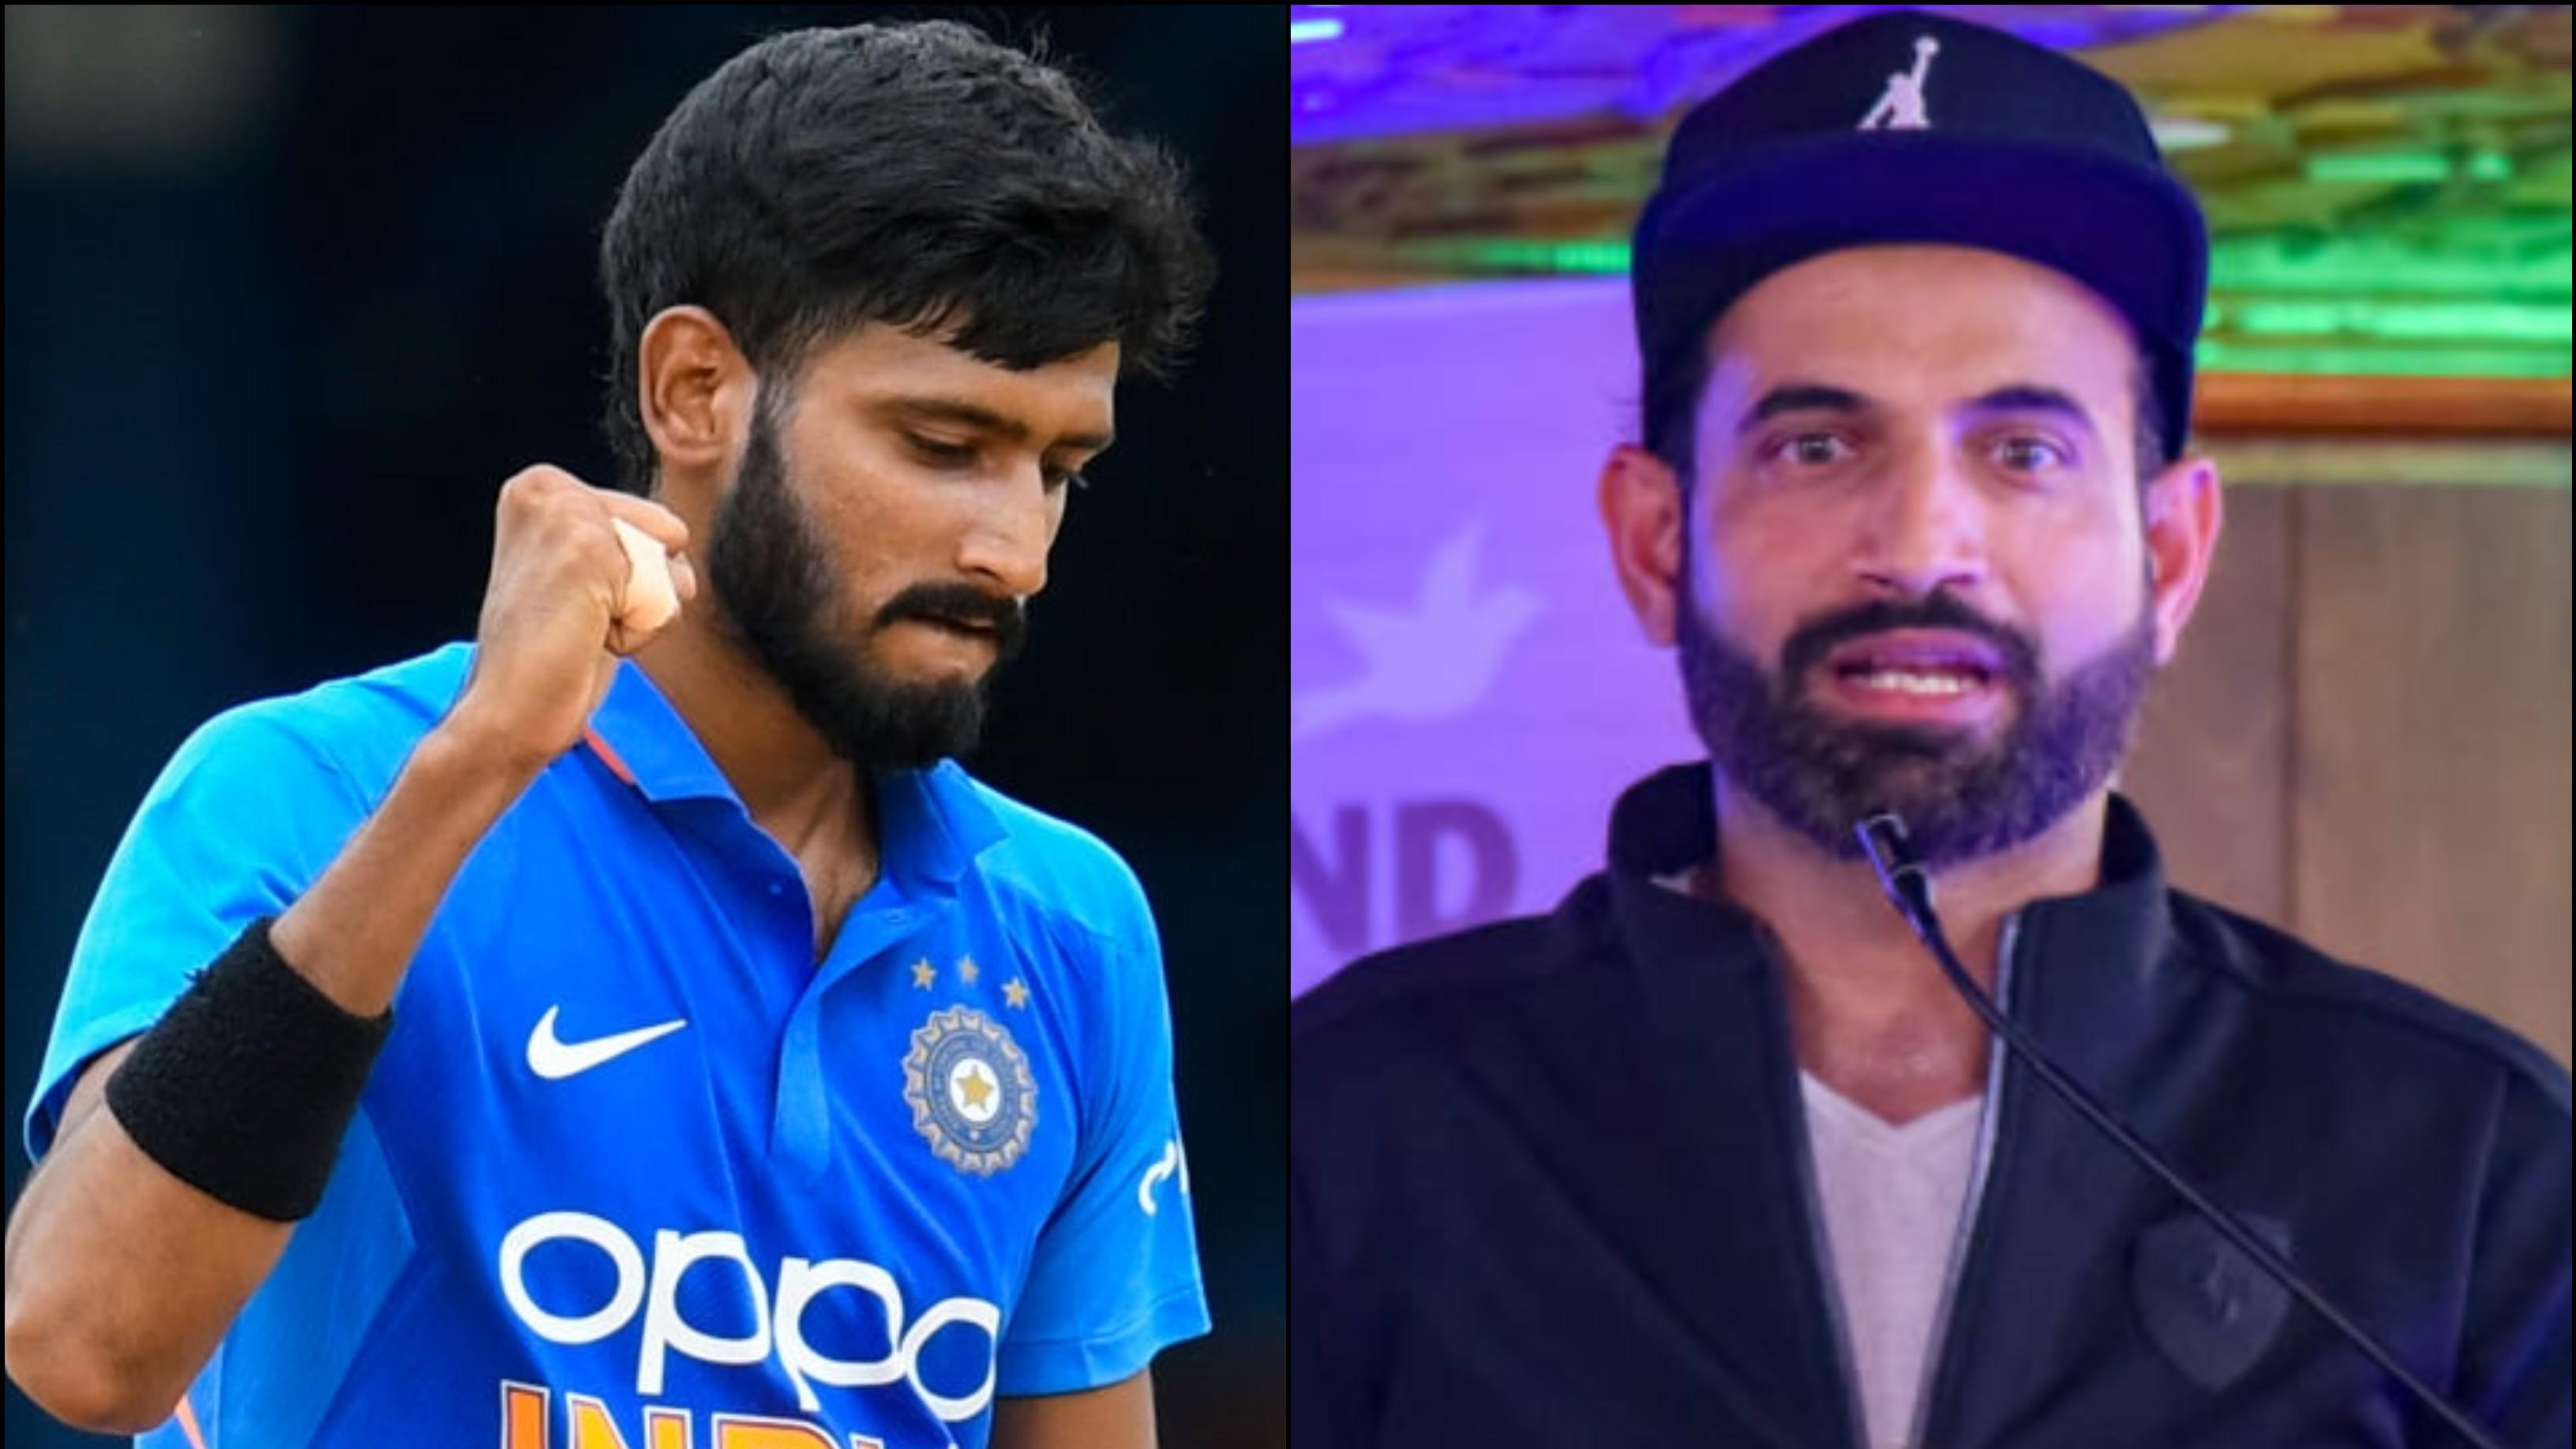 IND v BAN 2019: खलील अहमद को मिल रहे अवसरों का फायदा उठाना चाहिए : इरफान पठान